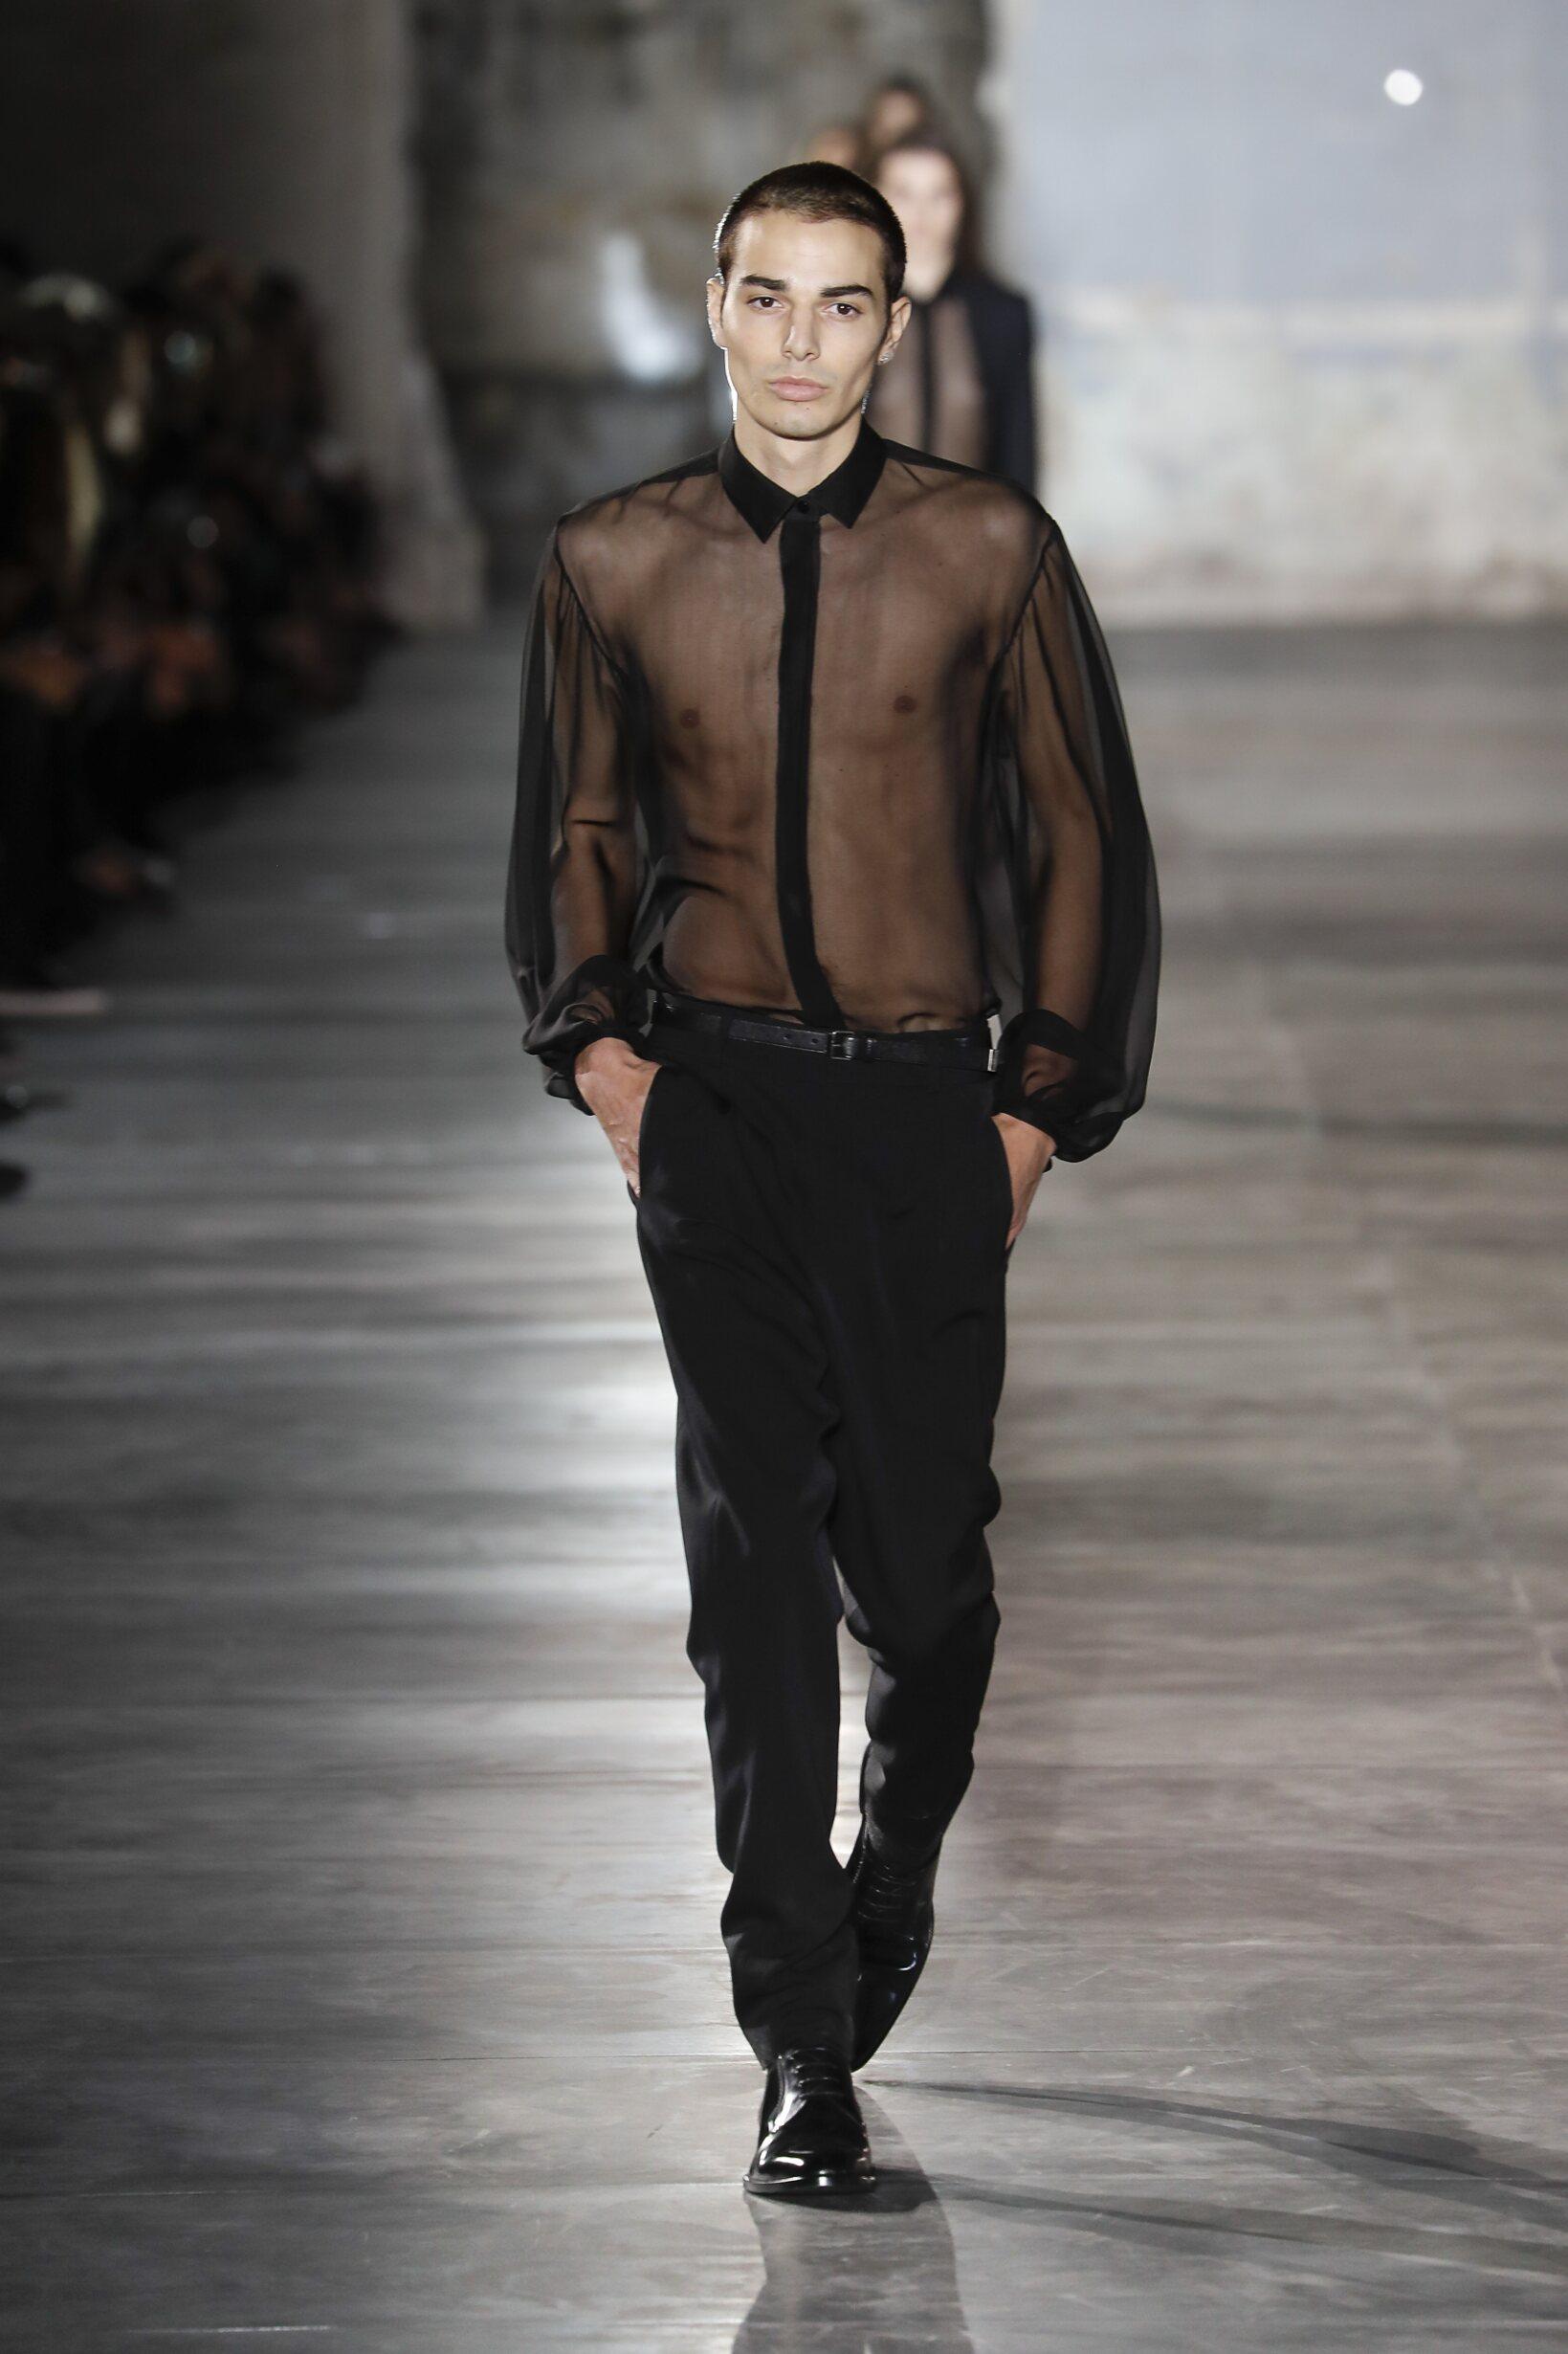 Saint Laurent Menswear Collection 2017